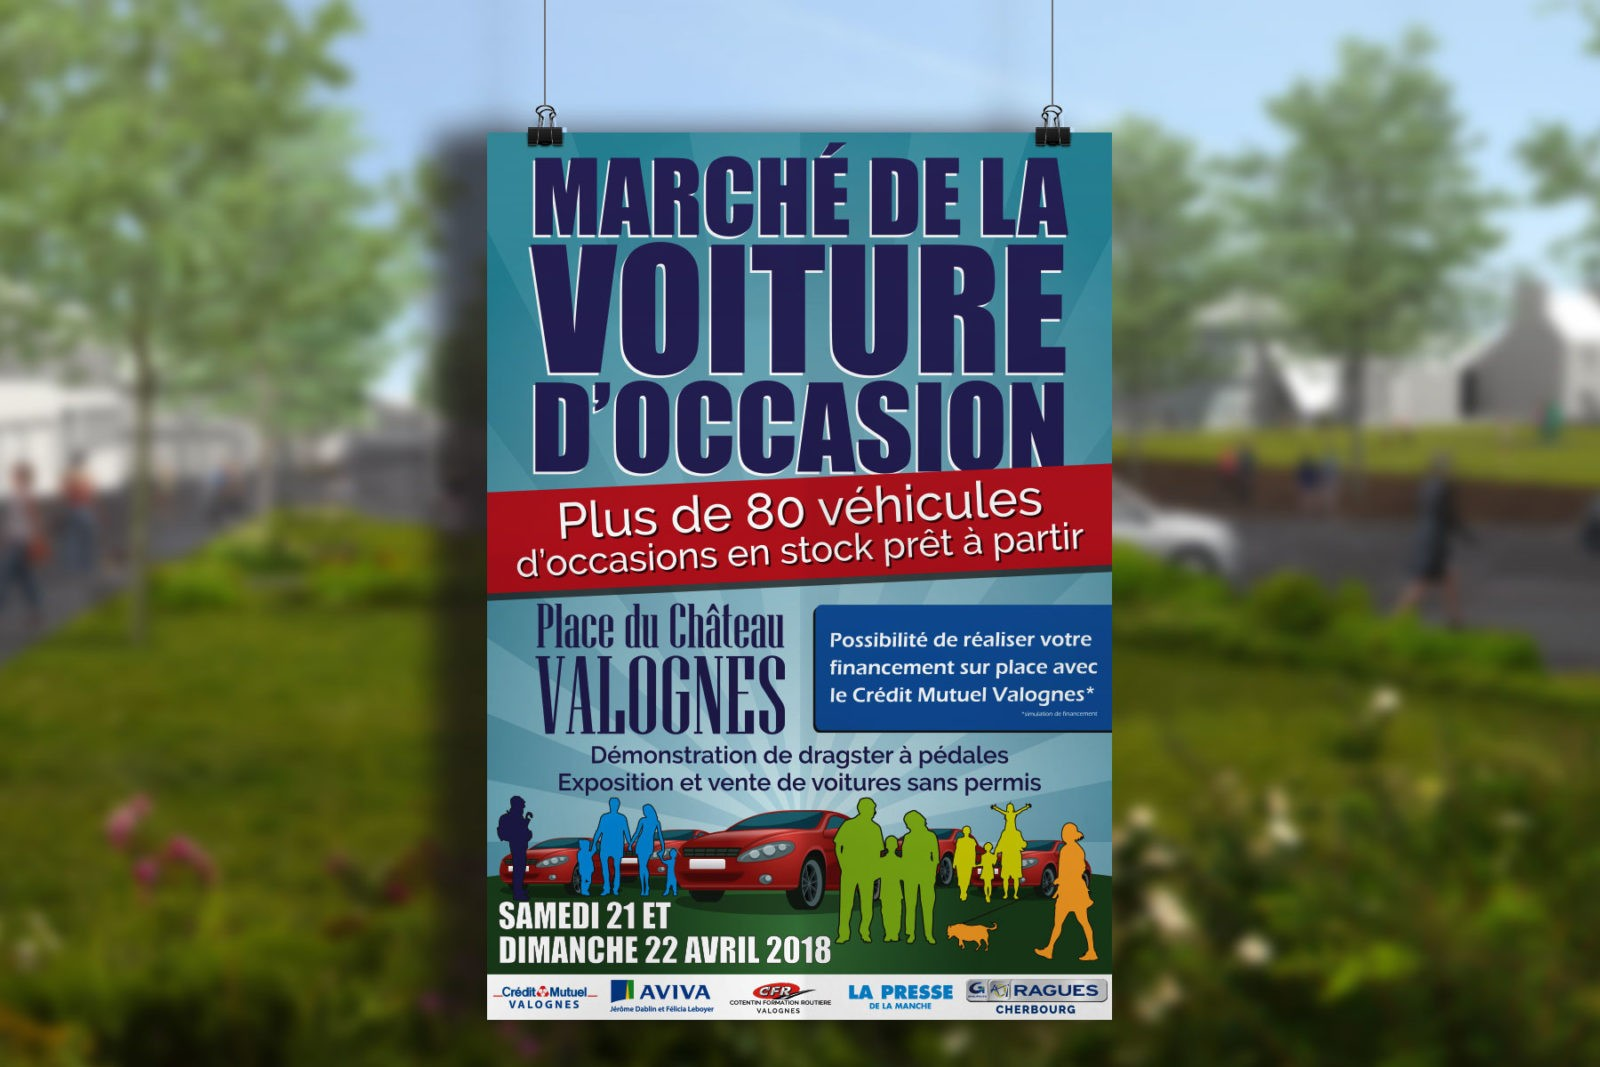 Création d'une affiche pour un événement sur Valognes